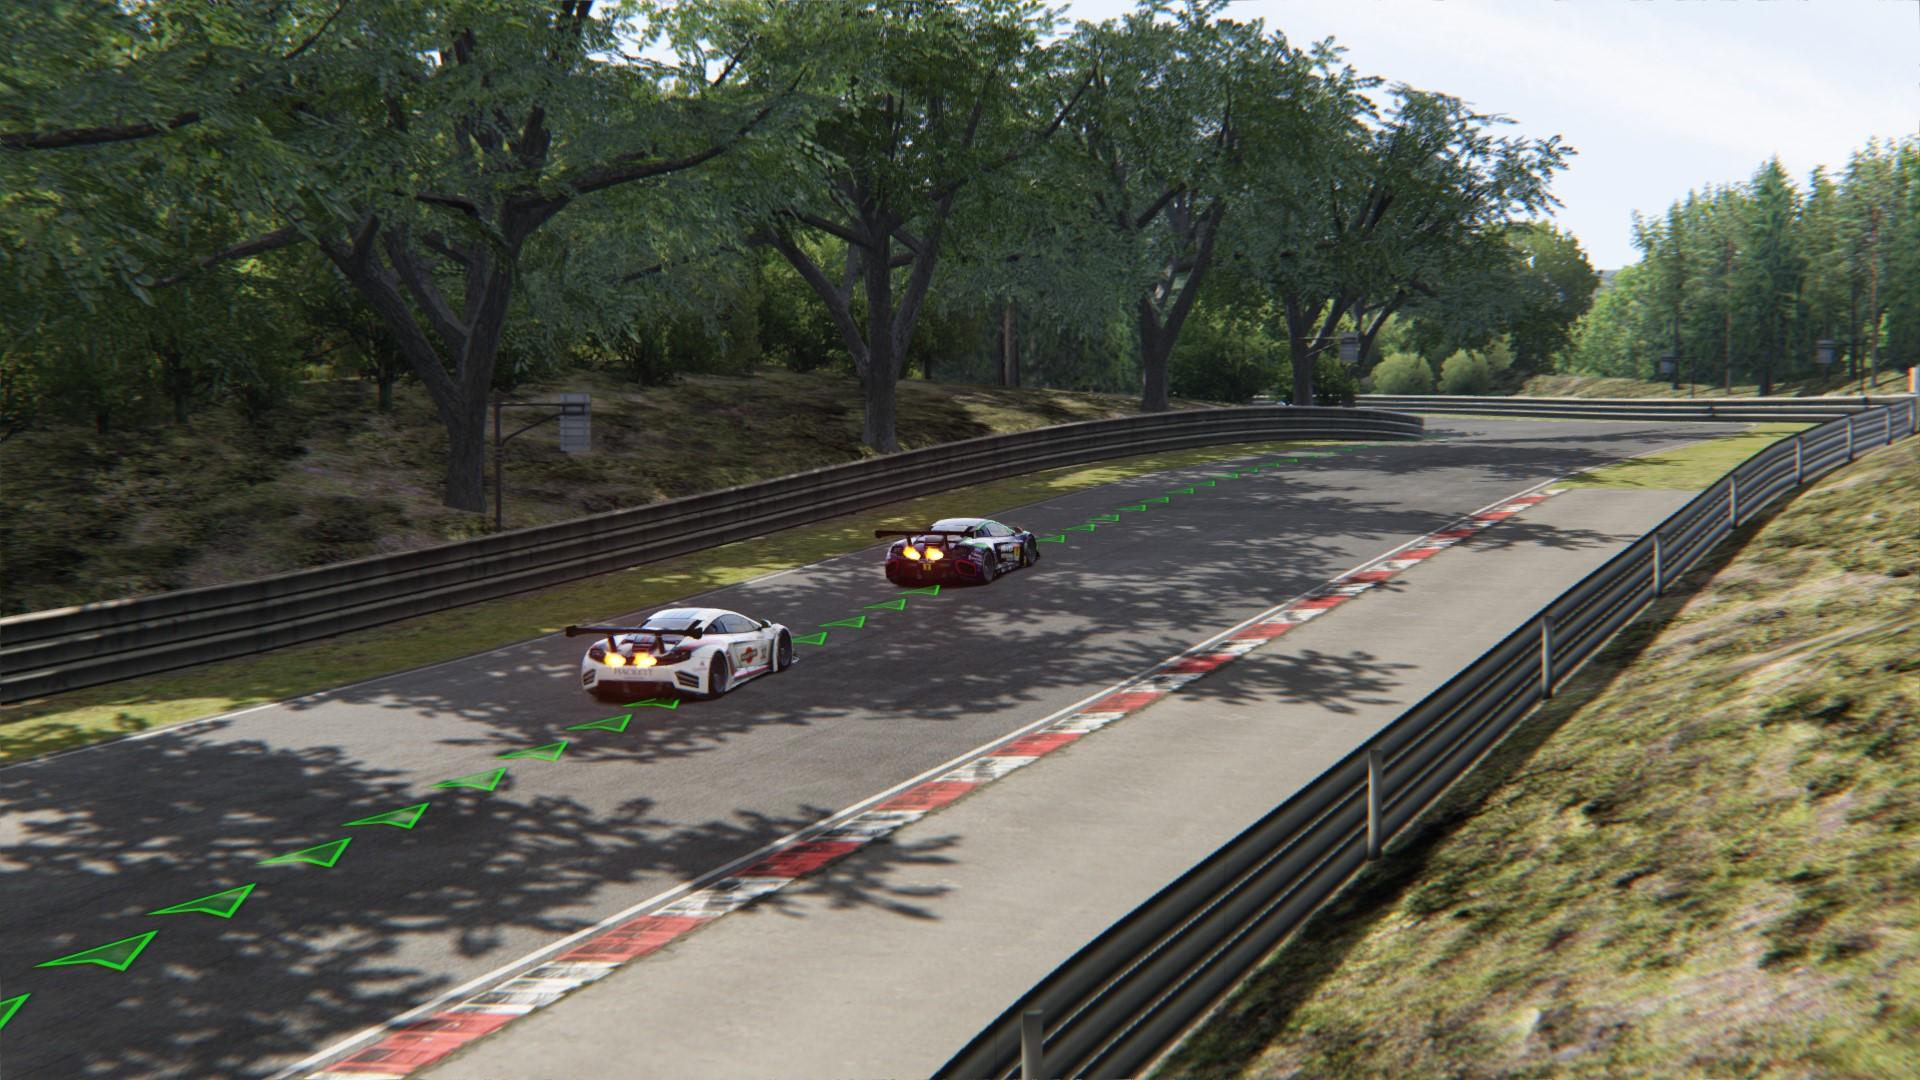 Screenshot_mclaren_mp412c_gt3_deepforest_raceway_1-6-120-22-35-49.jpg